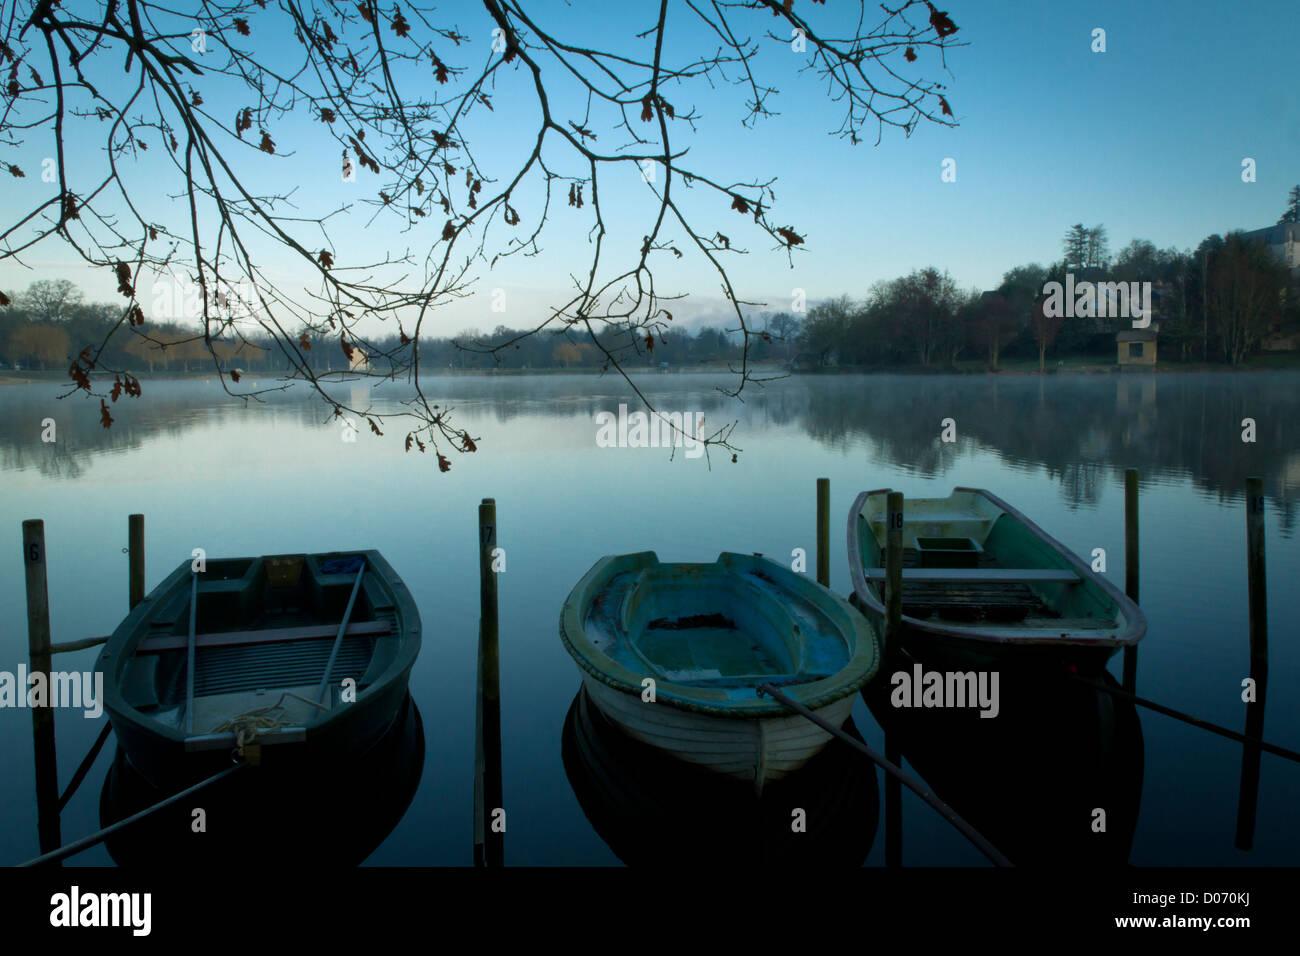 Vide bateaux amarrés sur le lac en campagne, France, Europe. Photo Stock